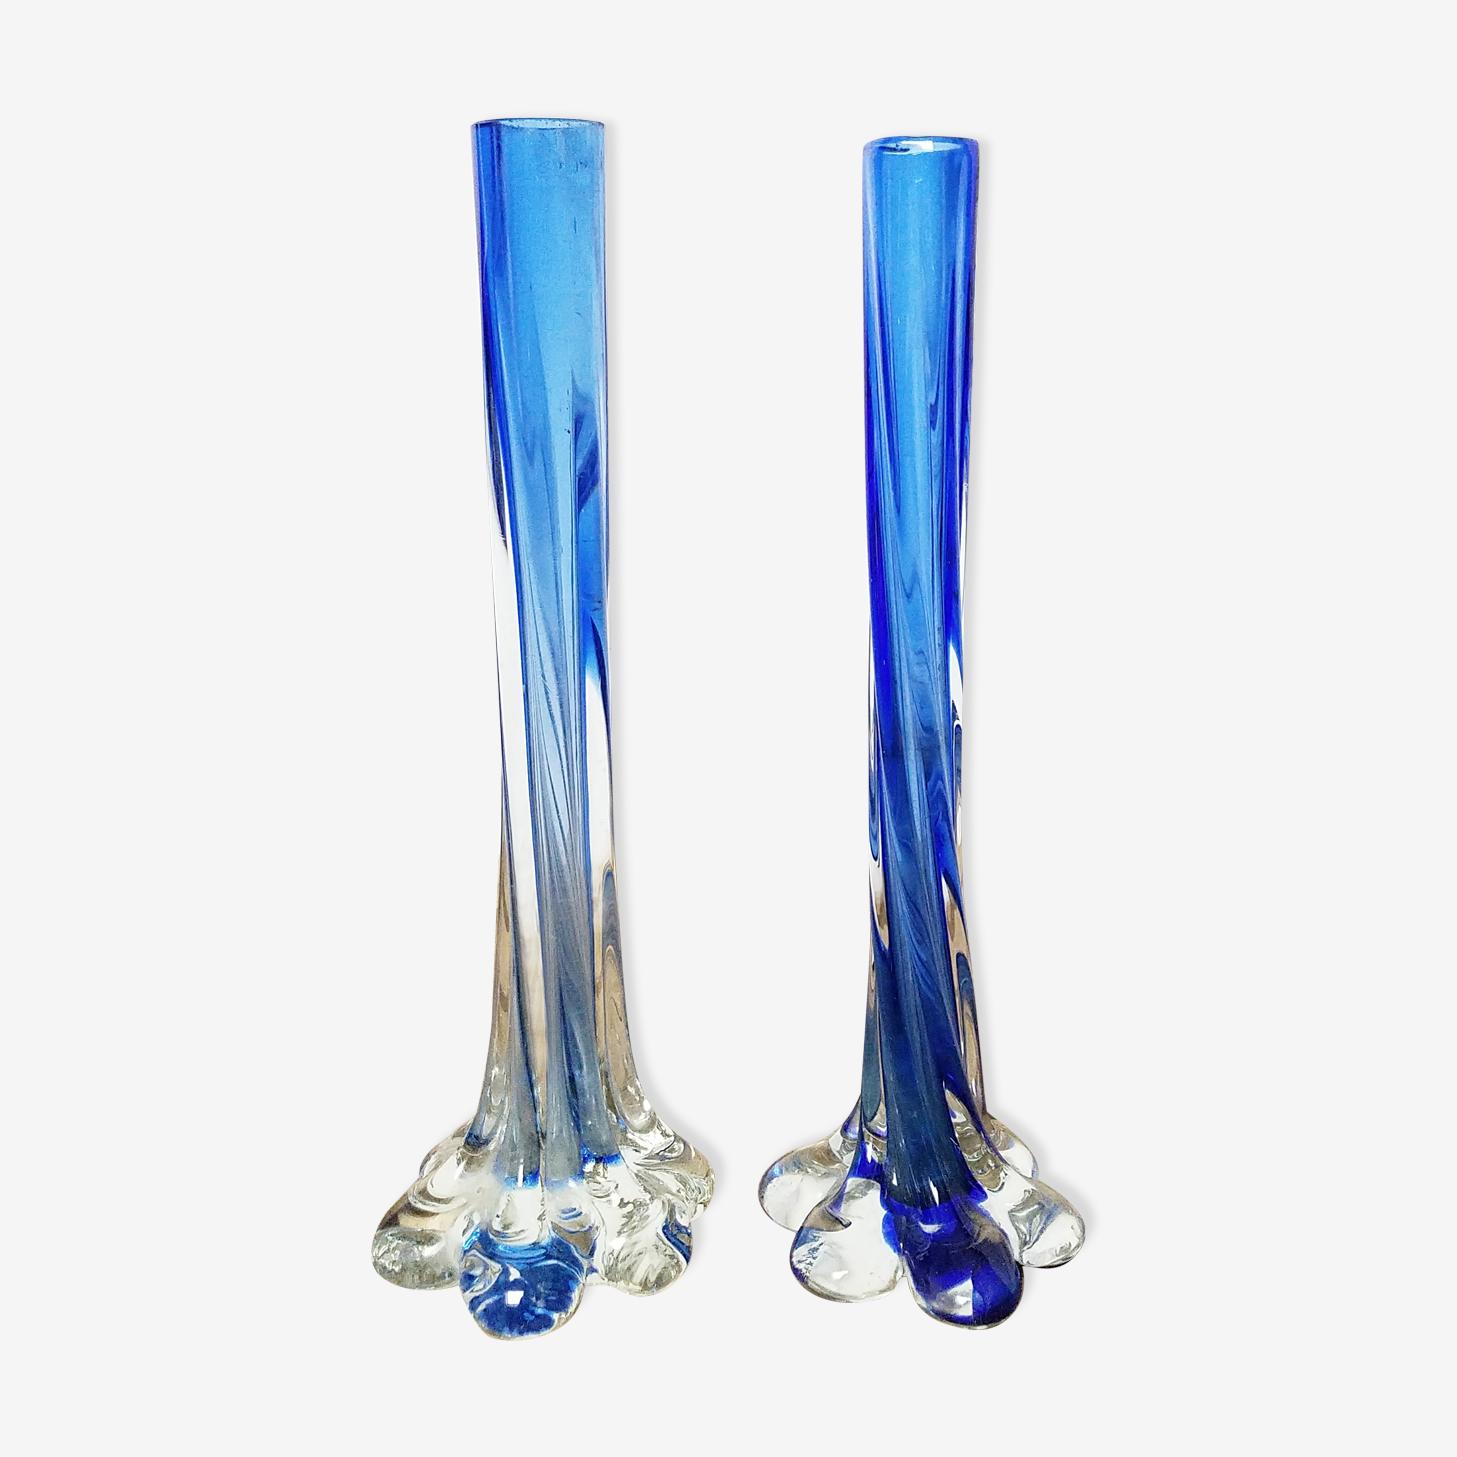 Blue soliflores vases